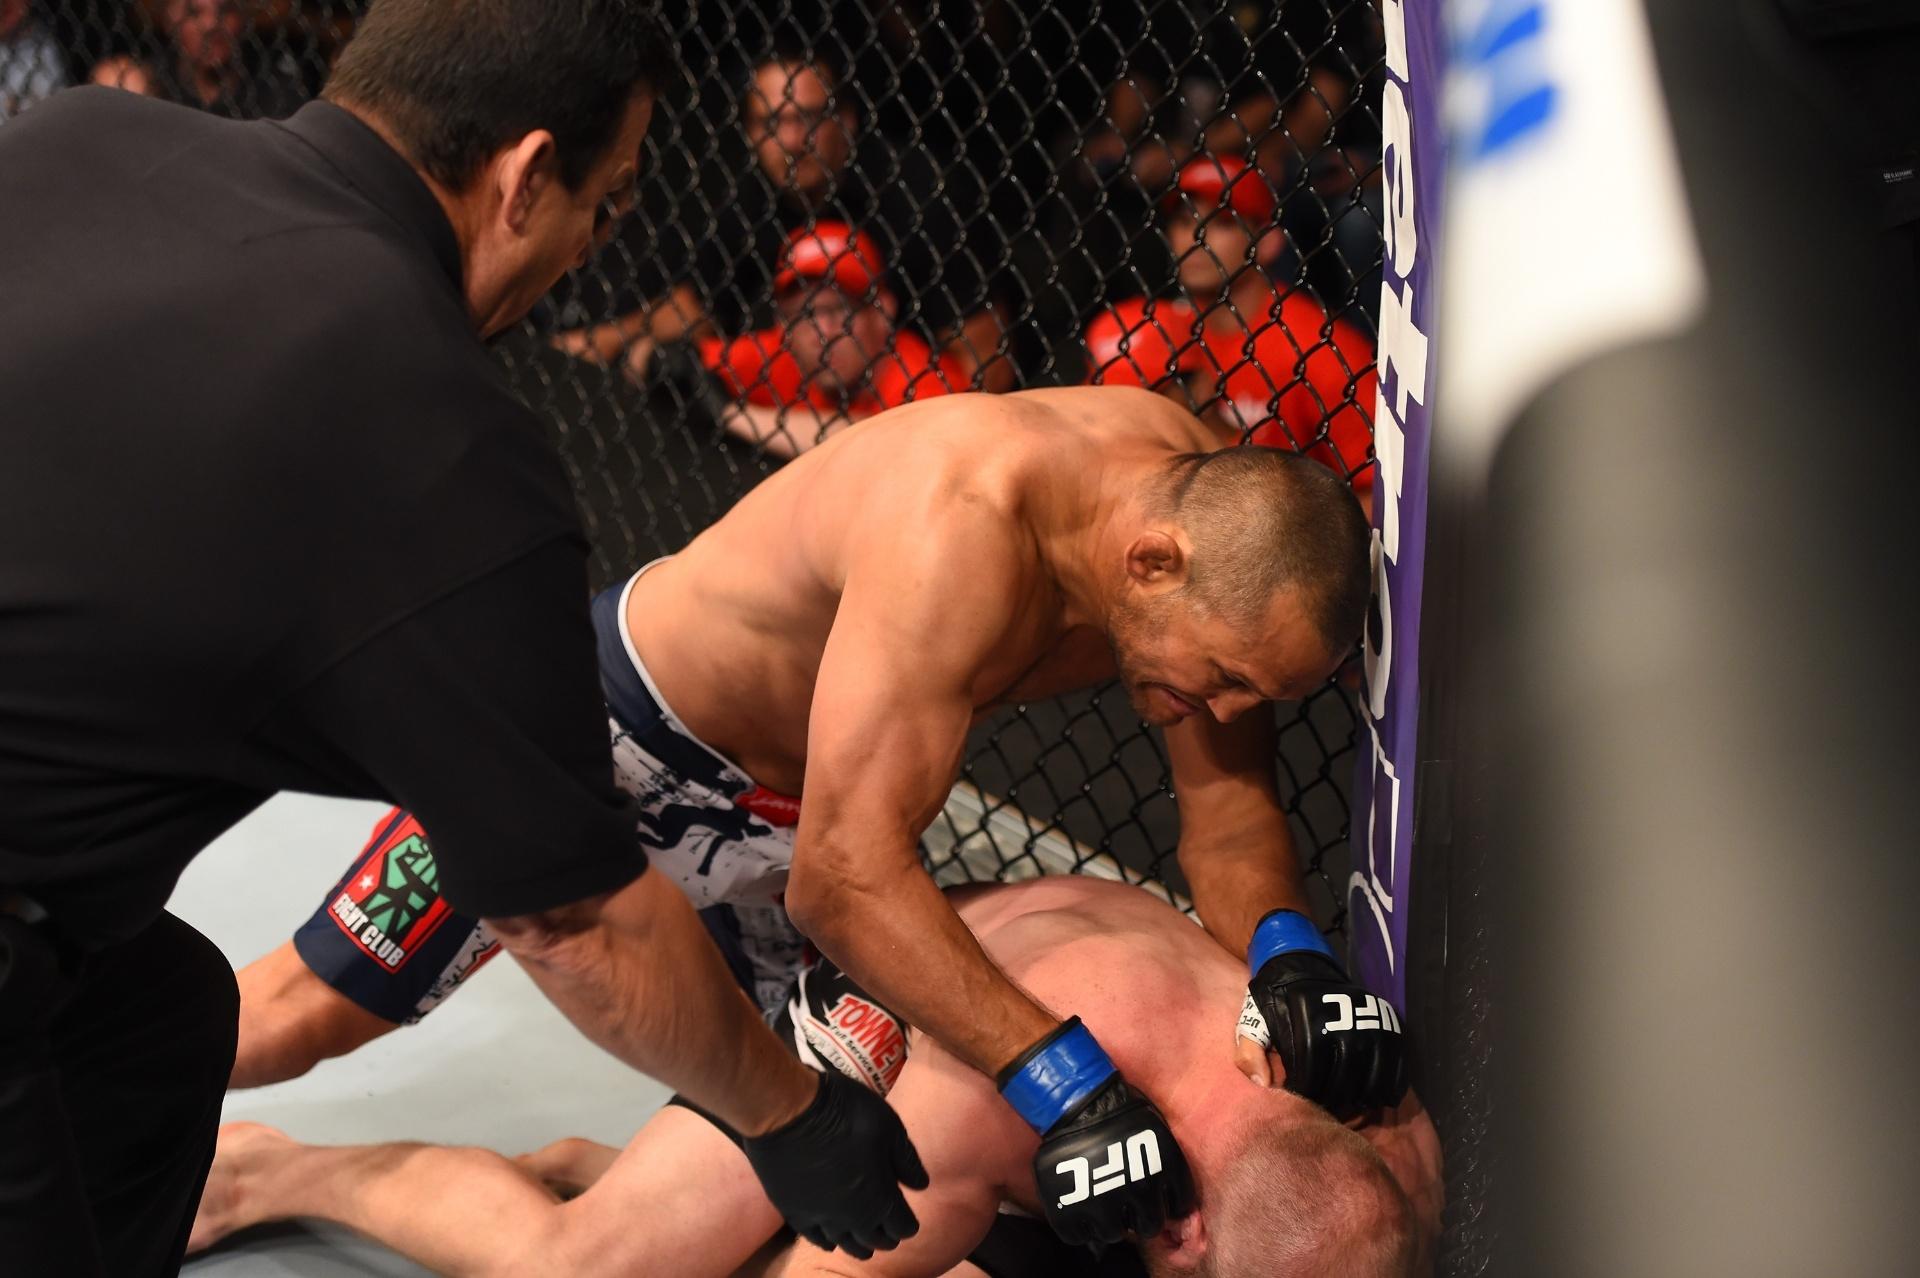 Dan Henderson acerta Tim Boetsch no UFC realizado em New Orleans e consegue o nocaute em apenas 28 segundos. Ele é o mais velho a nocautear no Ultimate, aos 44 anos e nove meses